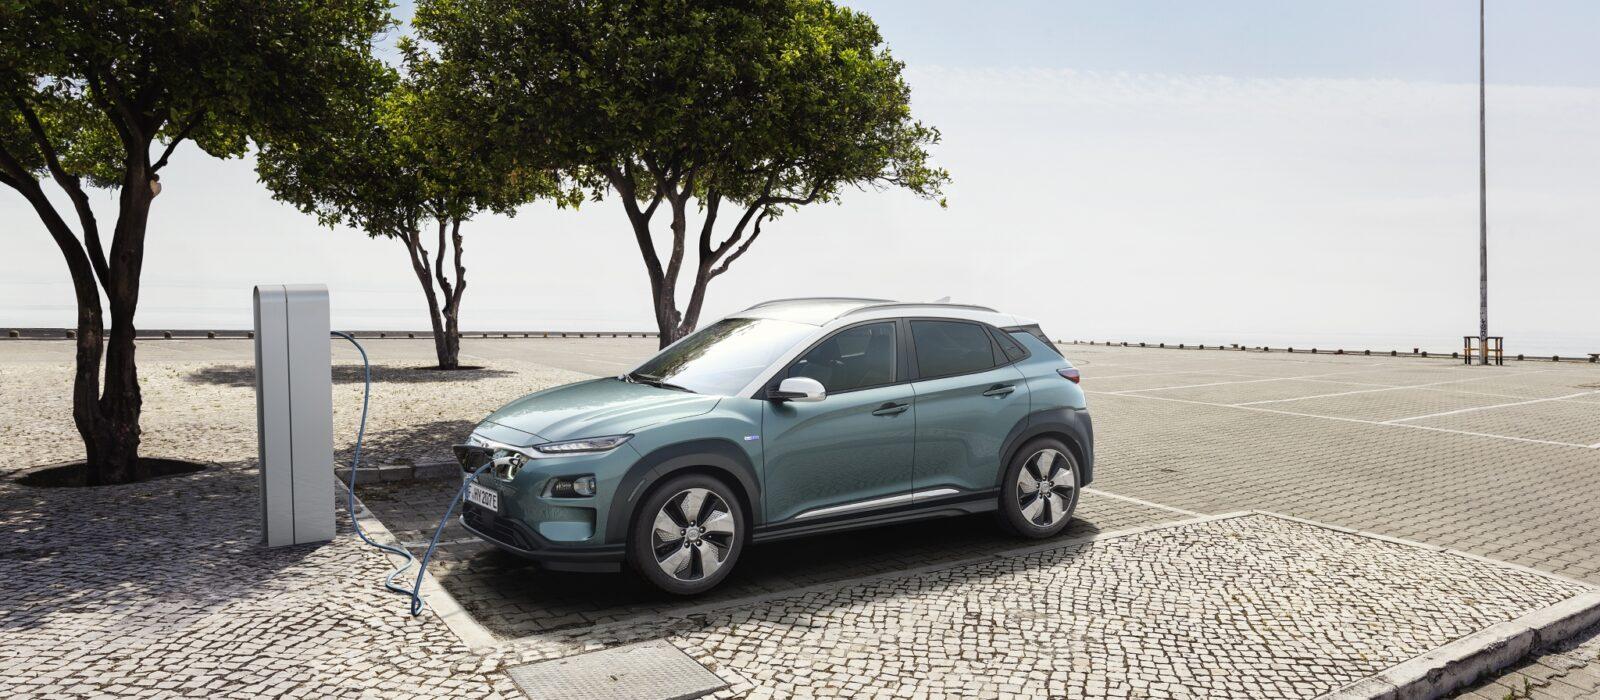 Automóveis eléctricos: comprar ou não comprar, eis a questão | Unibanco